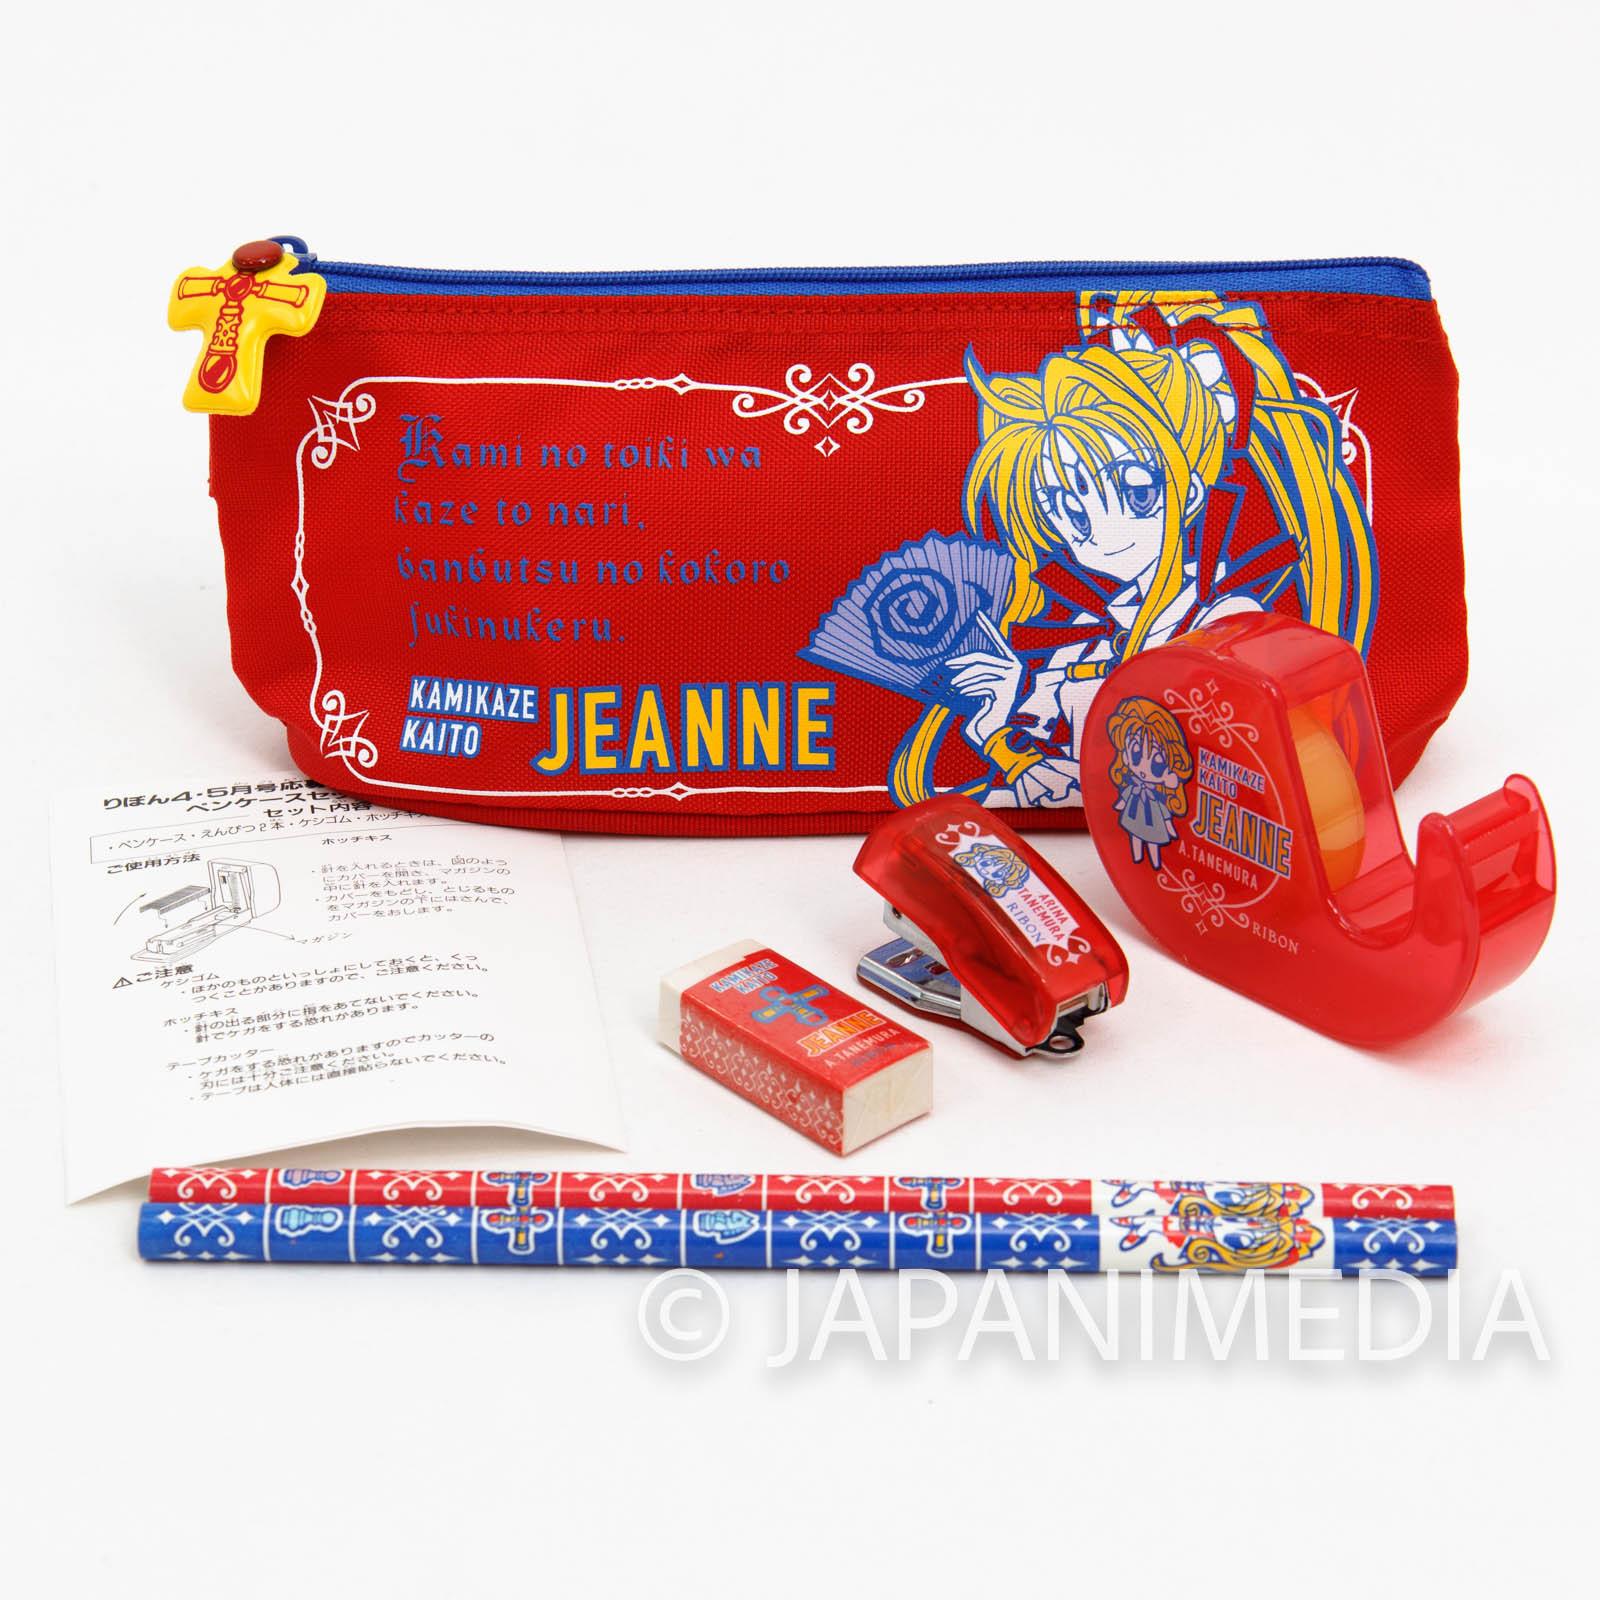 Kamikaze Kaitou Jeanne Stationery 5pc Set [Pen case / Pencil / Eraser / Stapler / Tape cutter] Ribon JAPAN MANGA